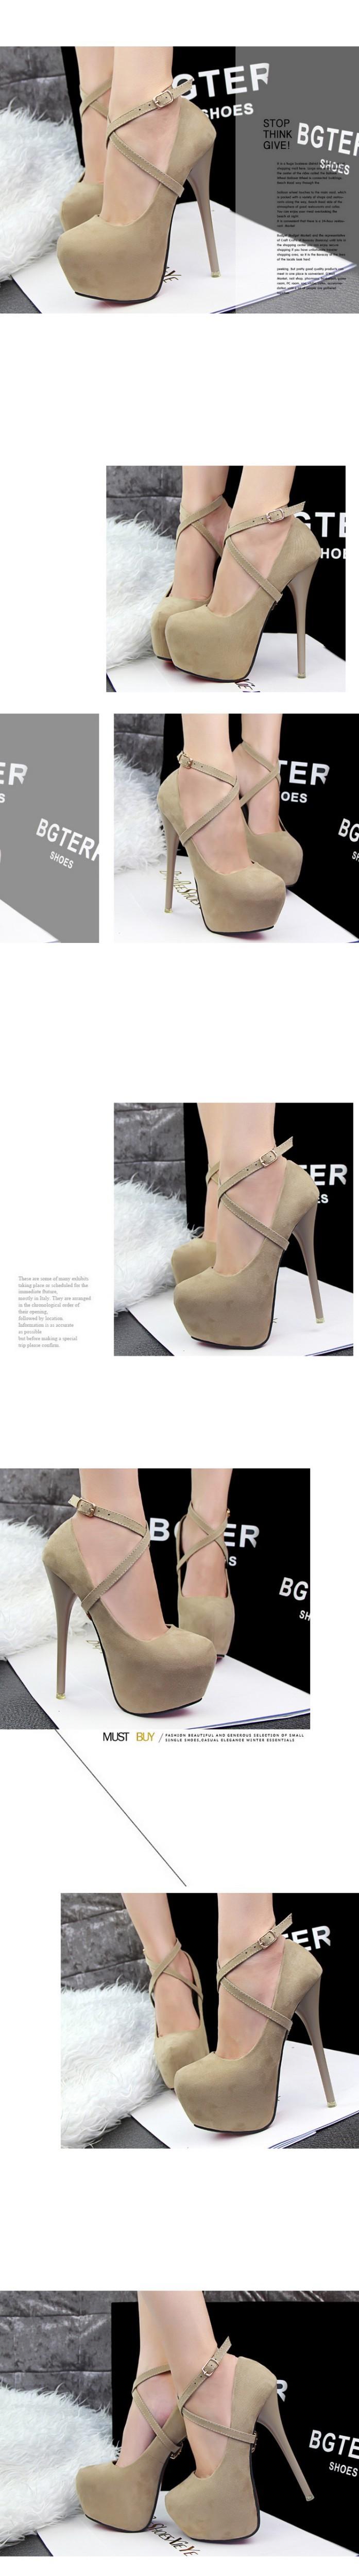 Туфли на высоком каблуке 2015 16 CHY0403115